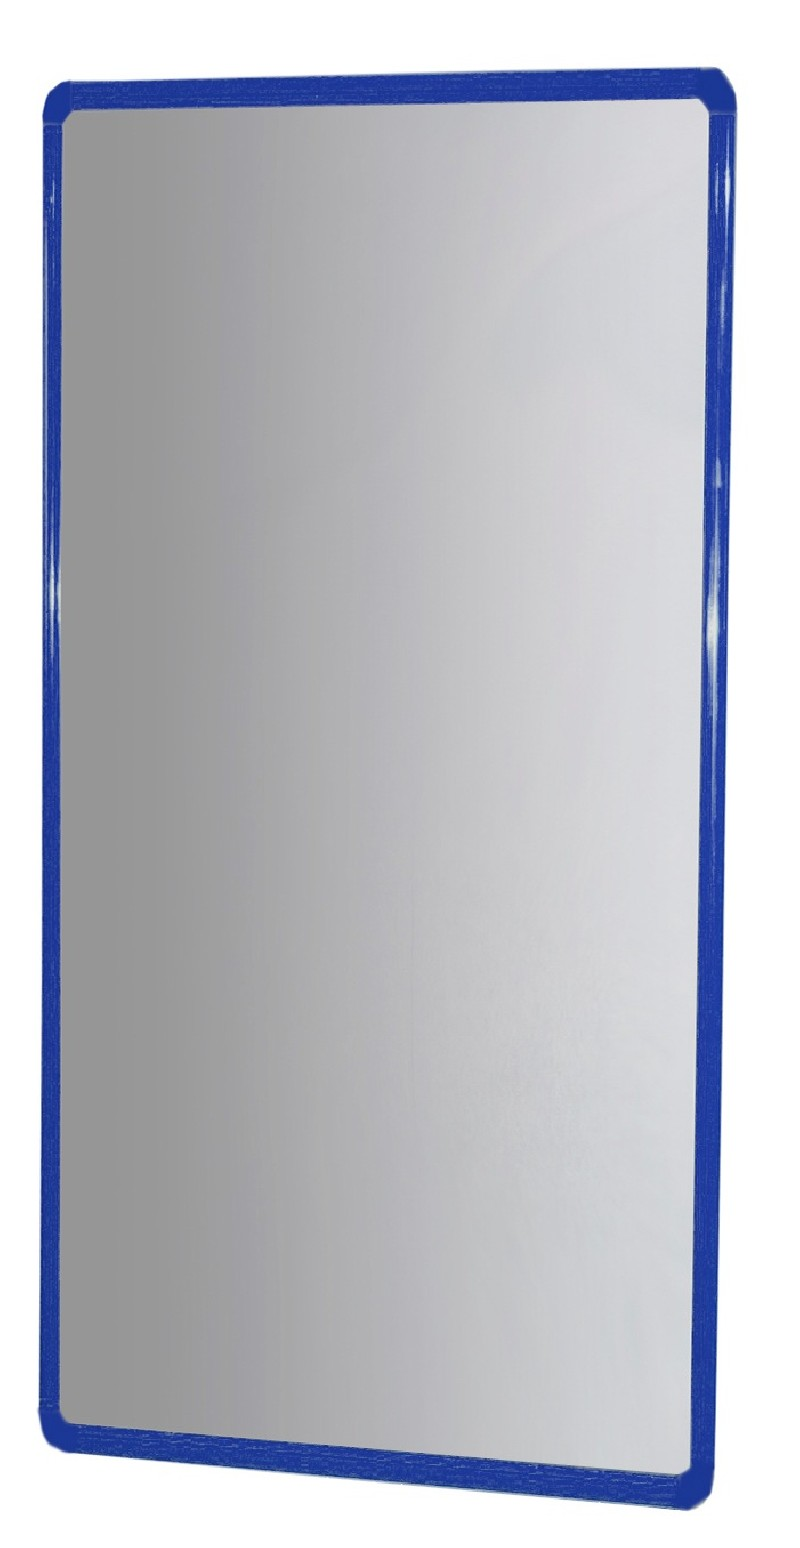 Espejo con marco de aluminio 120x50cm snap edulink s l for Espejo 50 x 150